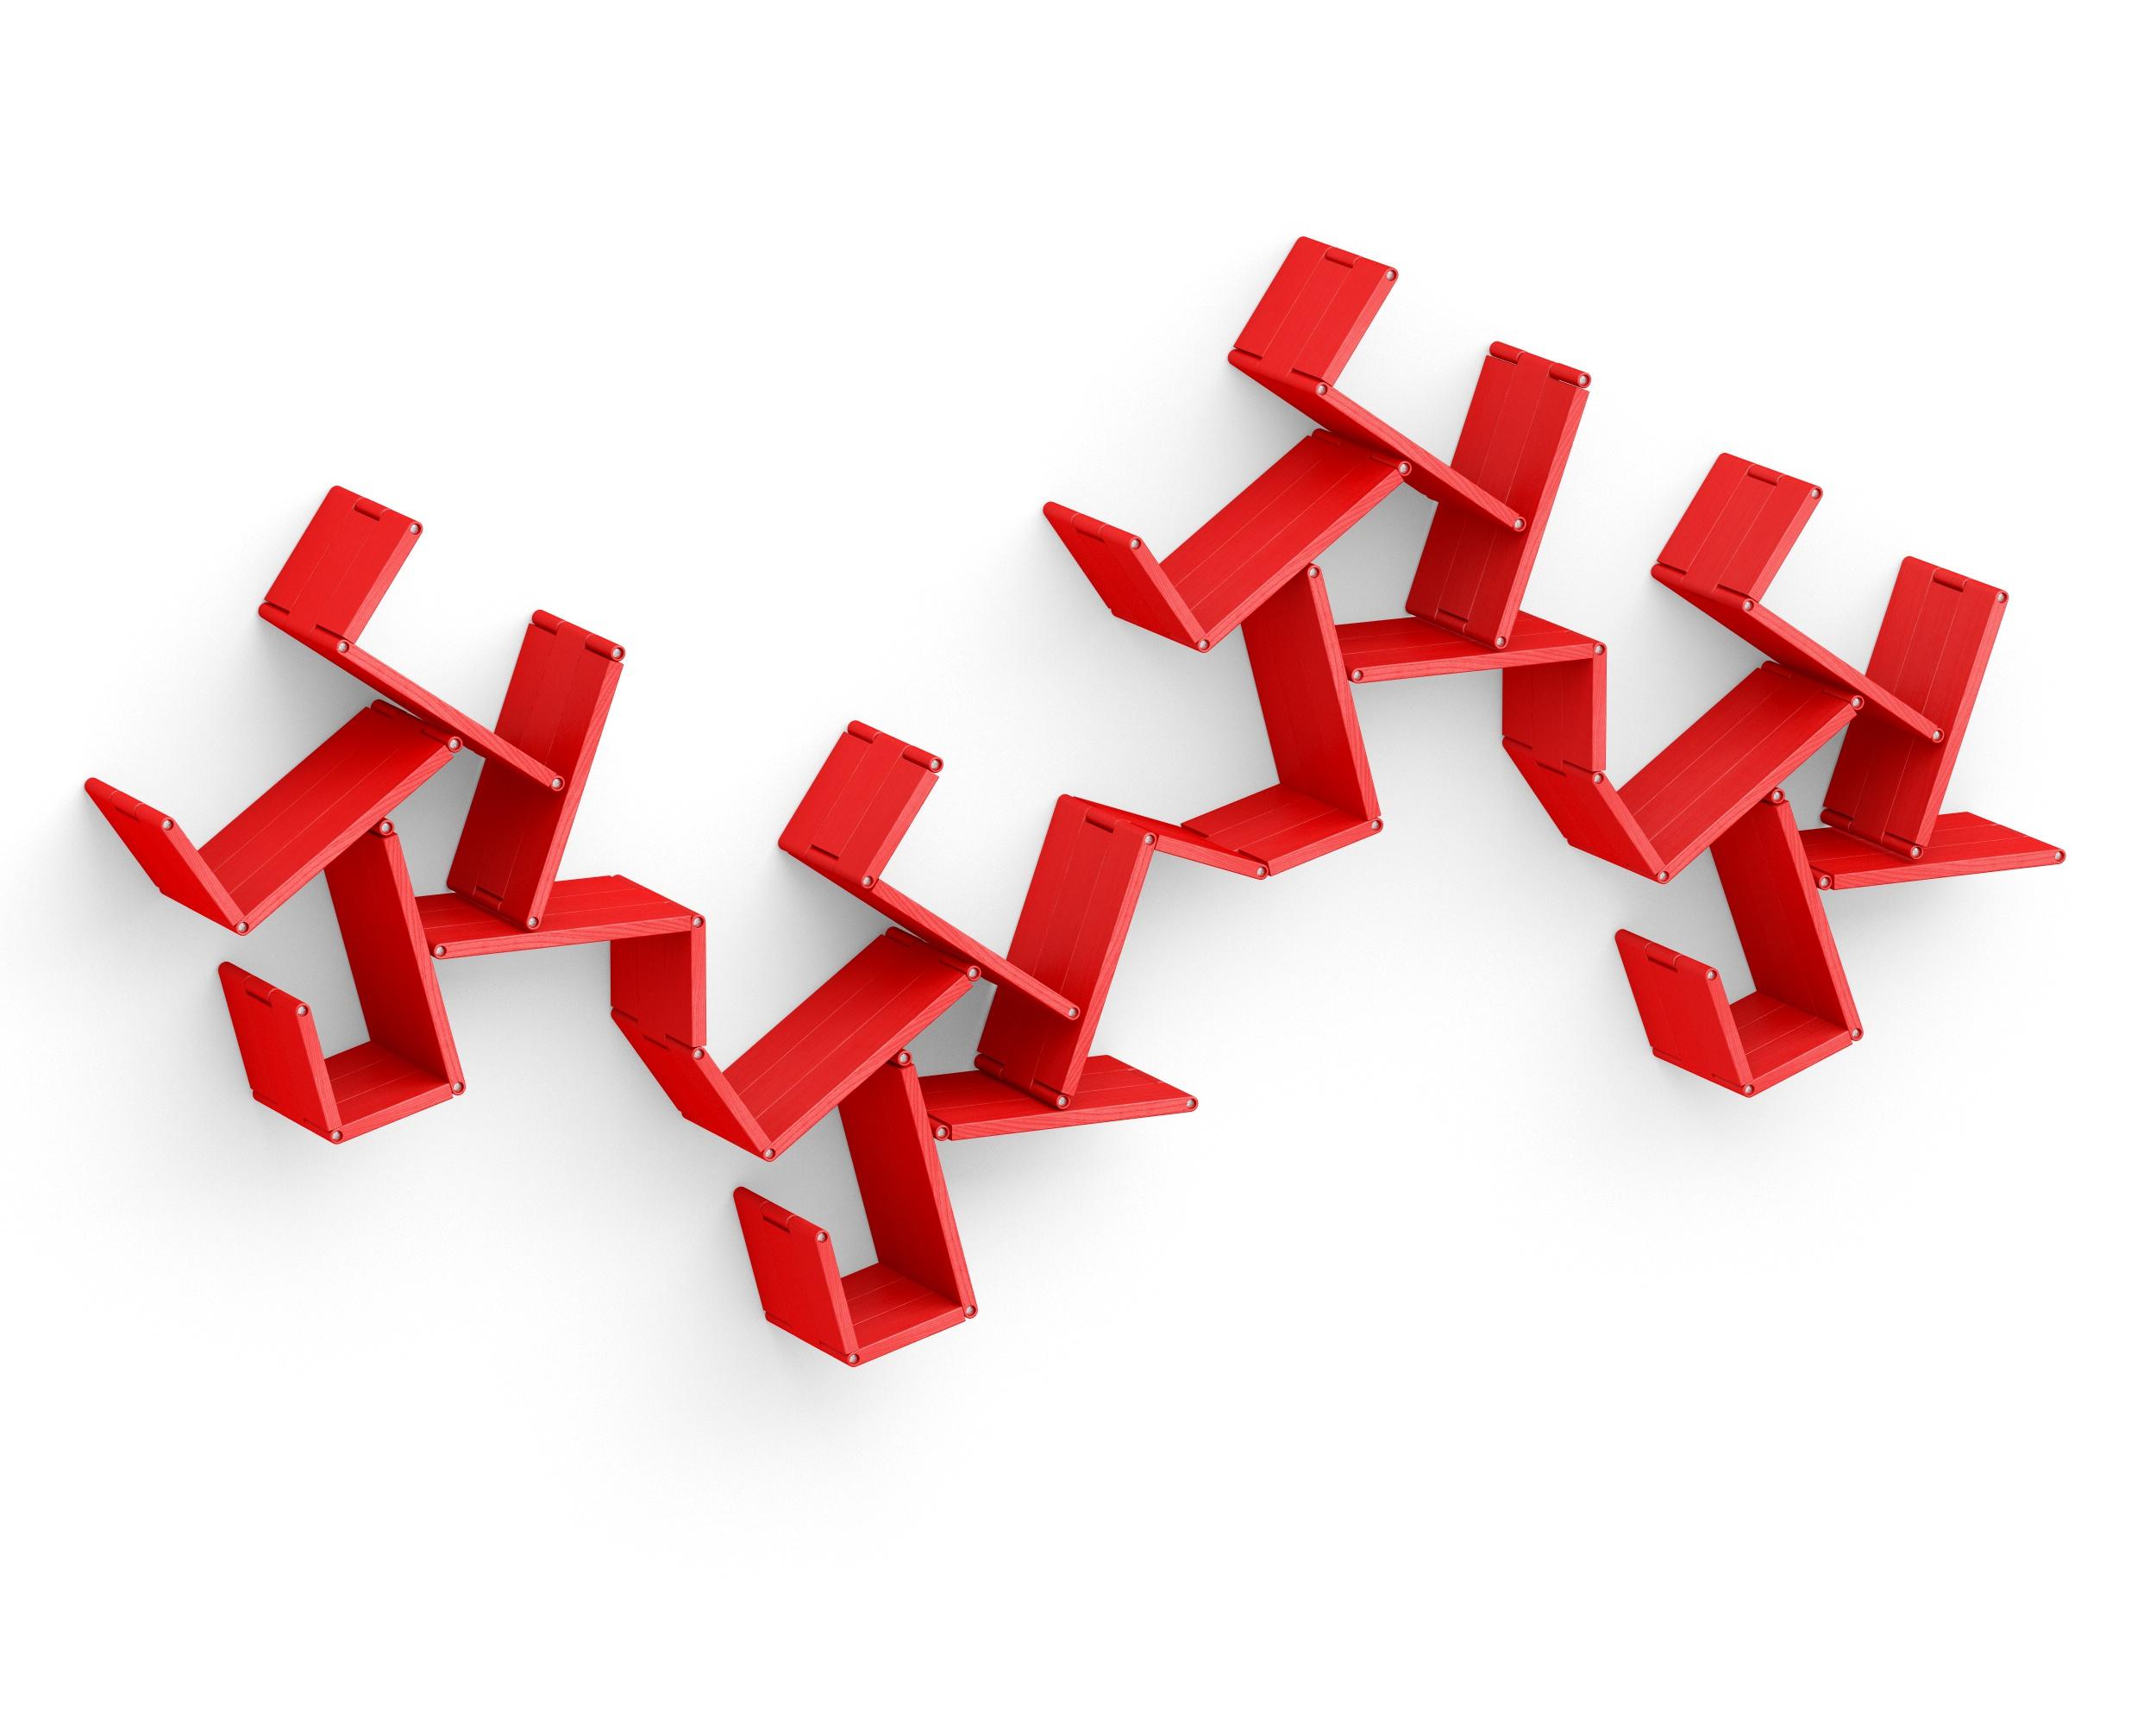 Полка-конструктор LATITUDE Flex Shelf set 173Полки<br>&amp;quot;Latitude Flex Shelf Set 173&amp;quot; ? разработка российских дизайнеров, представляющая собой идеальный предмет интерьера для тех, кто в погоне за яркостью не желает забывать о практичности. Представляет собой полку-трансформер, созданную различными элементами красного цвета. Удобные крепления позволяют сочетать их в самых смелых пропорциях ? не только так, как показано на фото. В любом образе они будут выглядеть эффектно и современно, а также добавлять пространству больше мест для хранения, не уменьшая полезной площади.<br><br>Material: Ясень<br>Ширина см: 229<br>Высота см: 117<br>Глубина см: 22